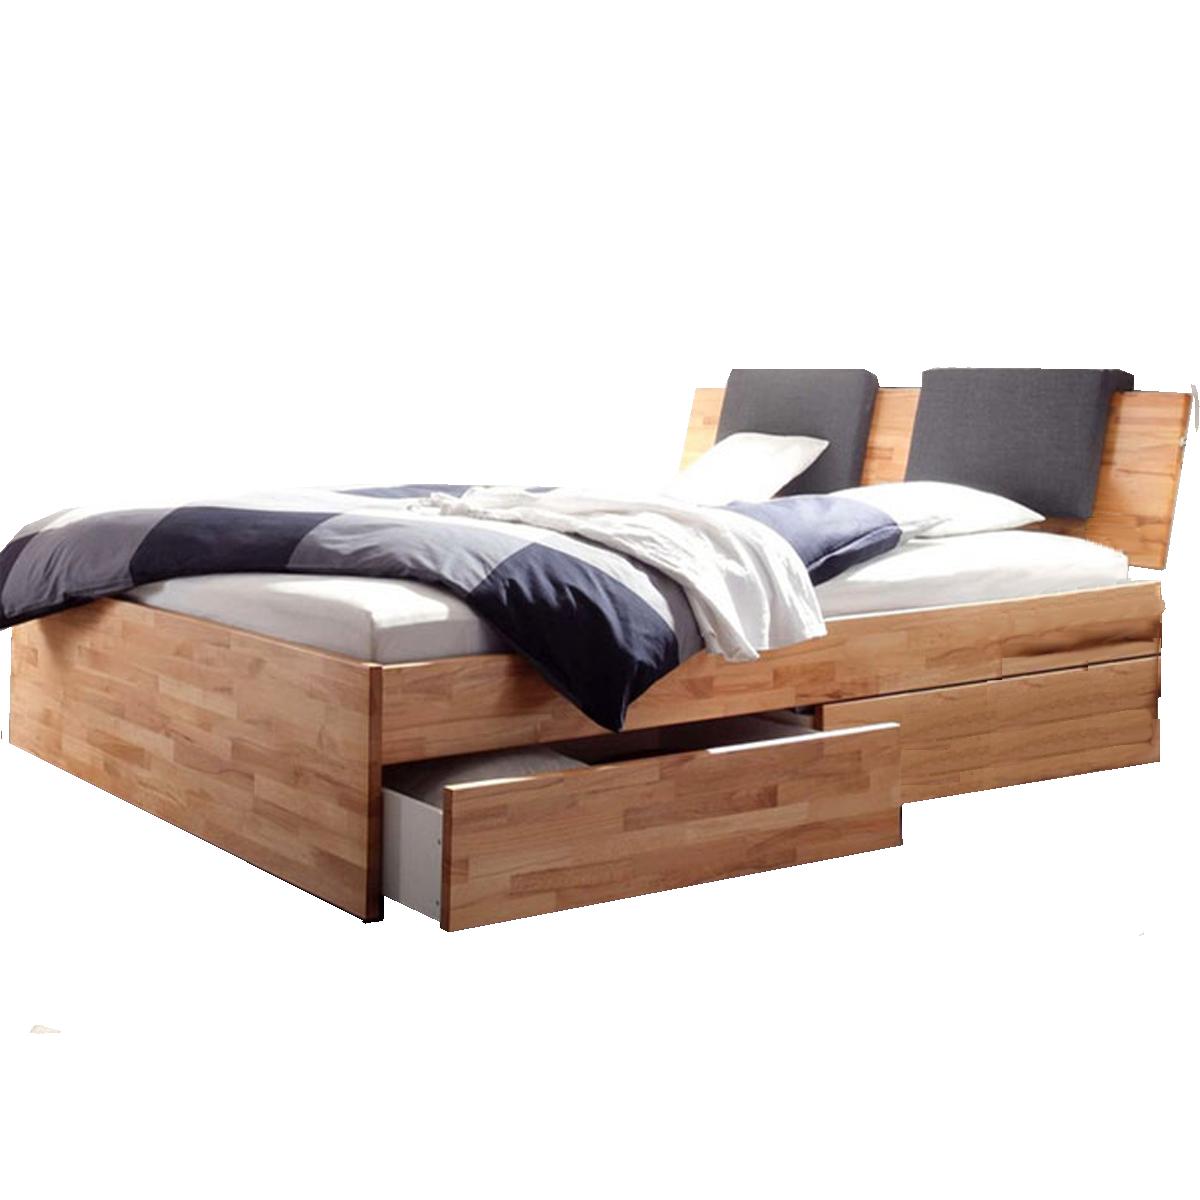 Full Size of Hasena Funtion Comfort Bett Spazio Standard Gnstig Kaufen Mit Aufbewahrung Günstig Esstisch 4 Stühlen Dusche Weißes 160x200 Schlafzimmer Bettkasten 140x200 Bett Bett Kaufen Günstig